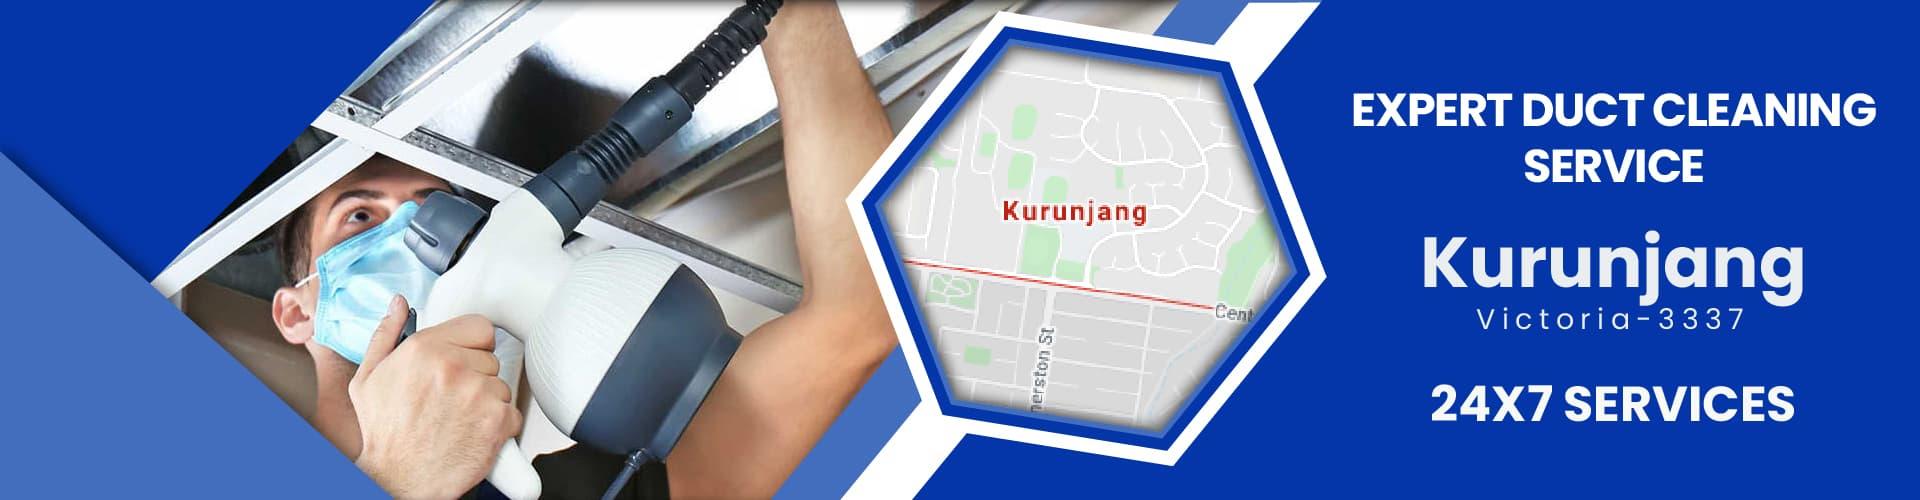 Duct Cleaning Kurunjang